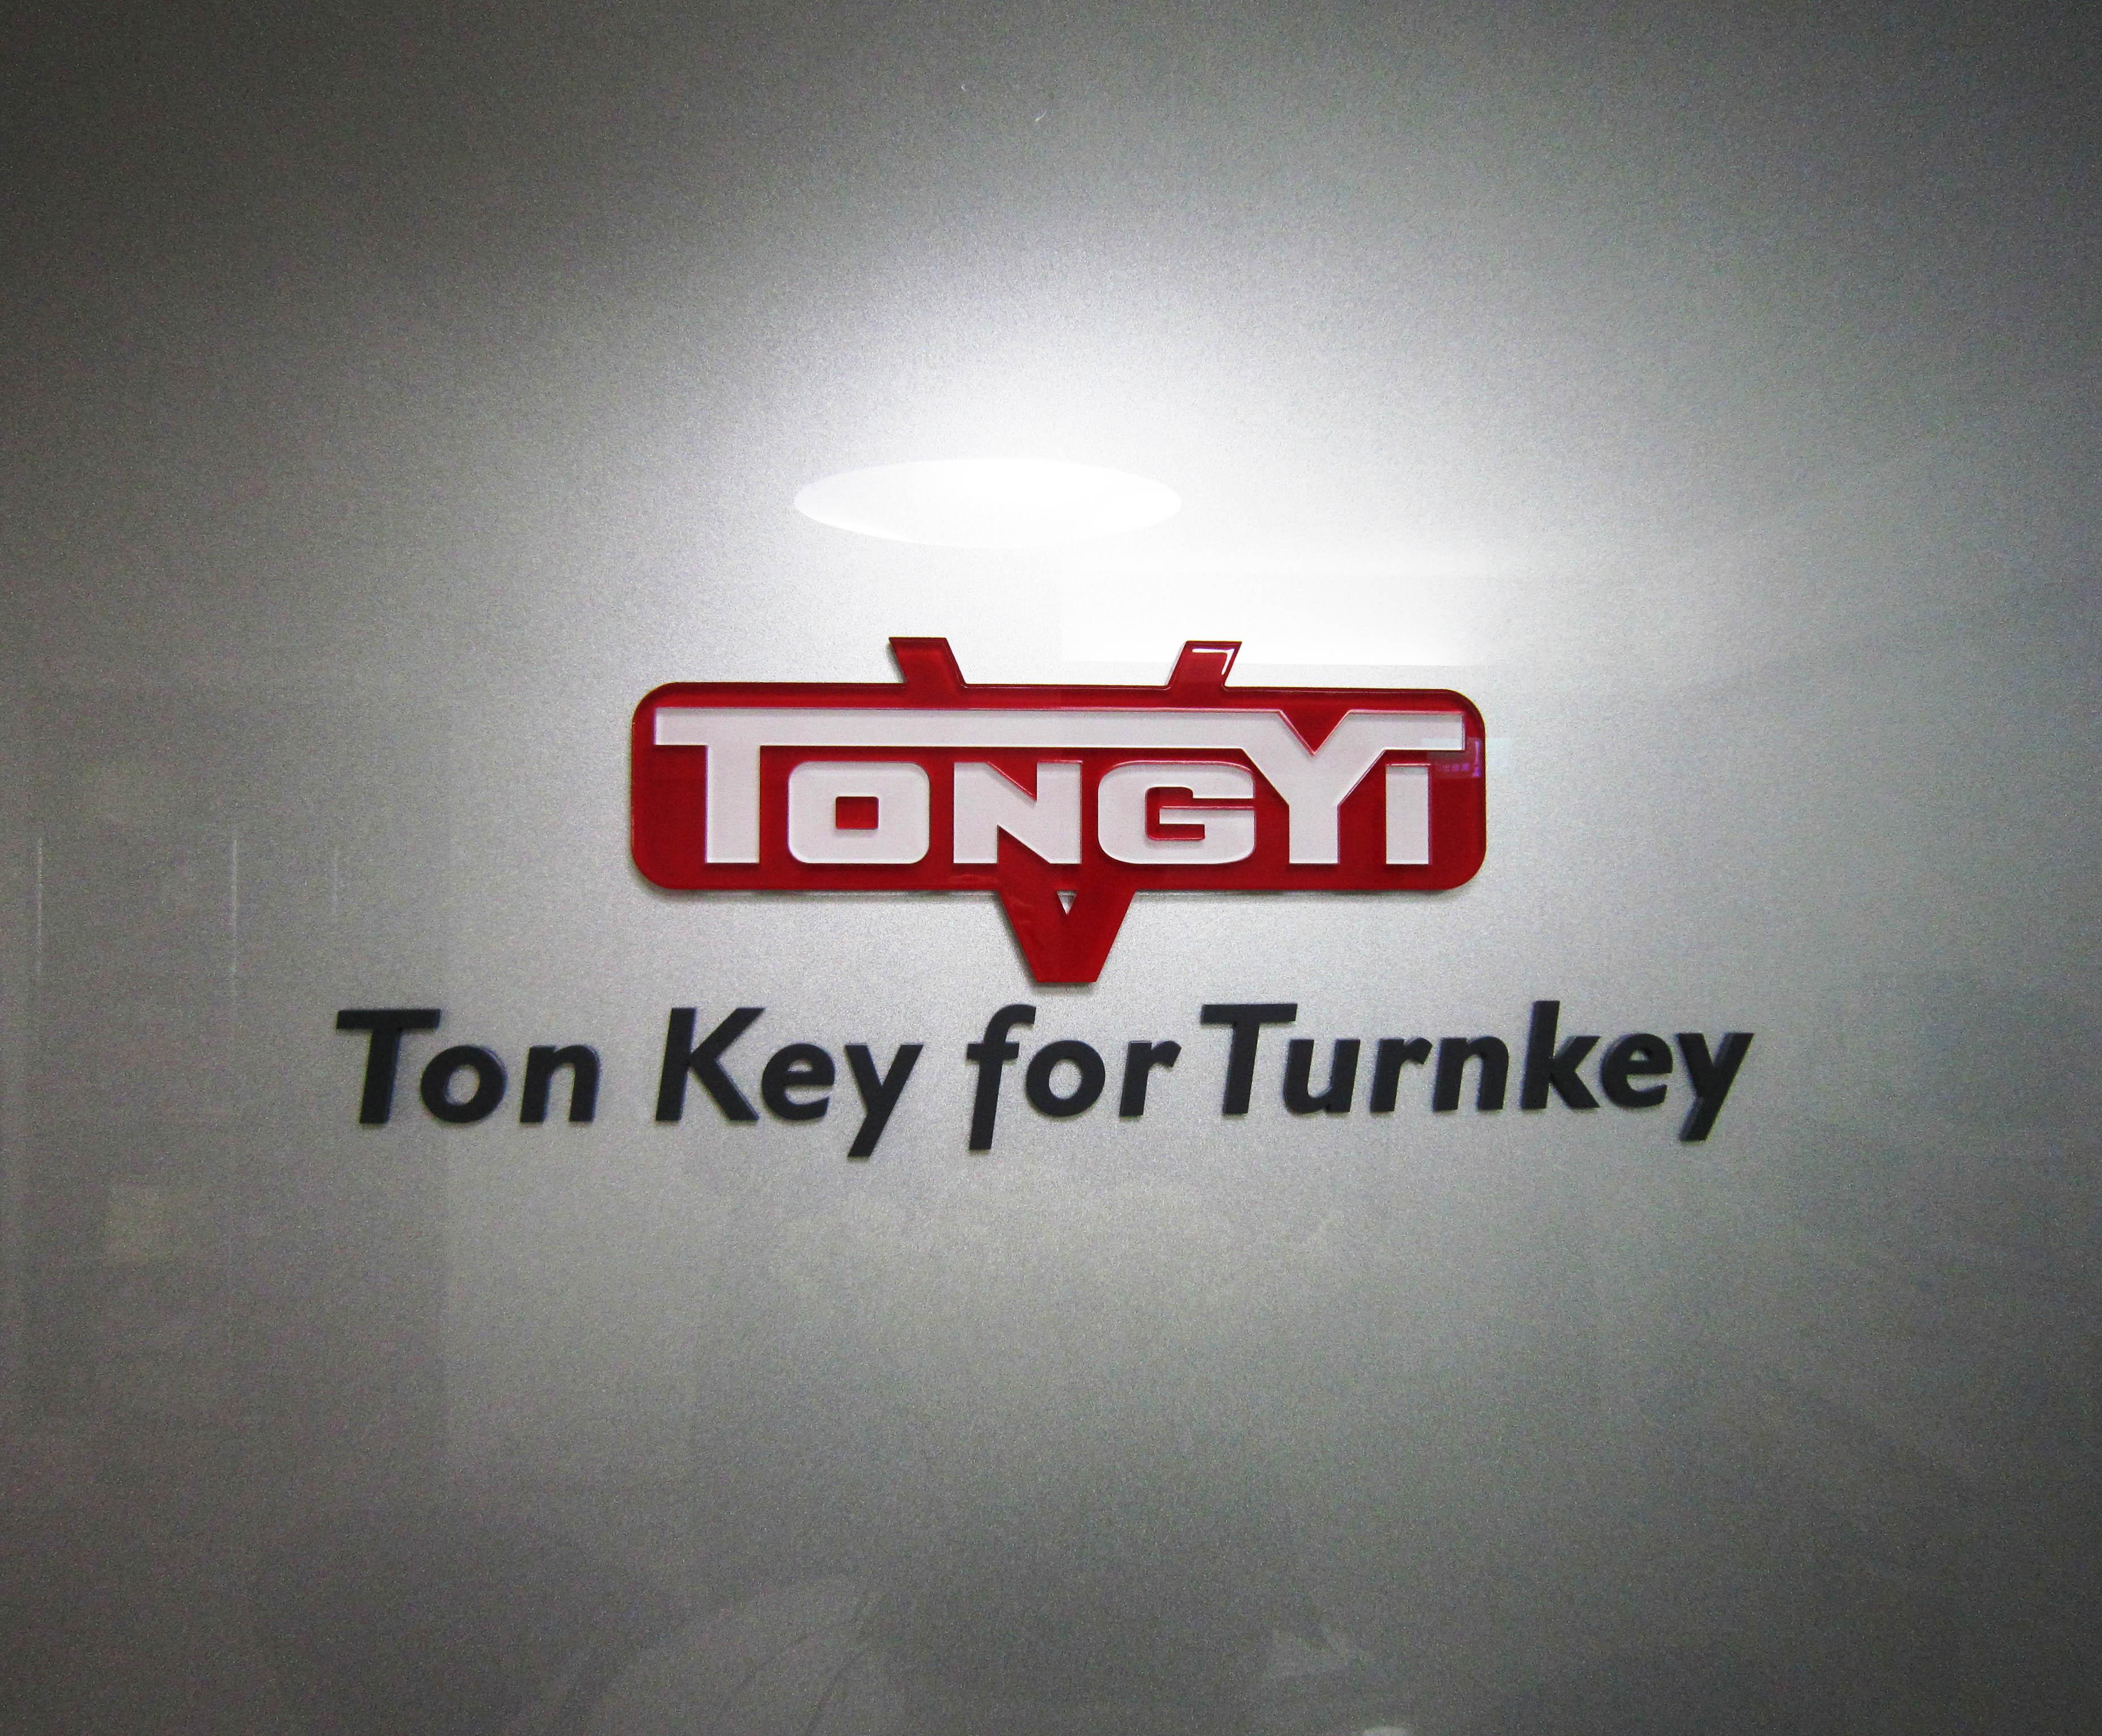 Bureau de Ton Key Industrial Co. Ltd.